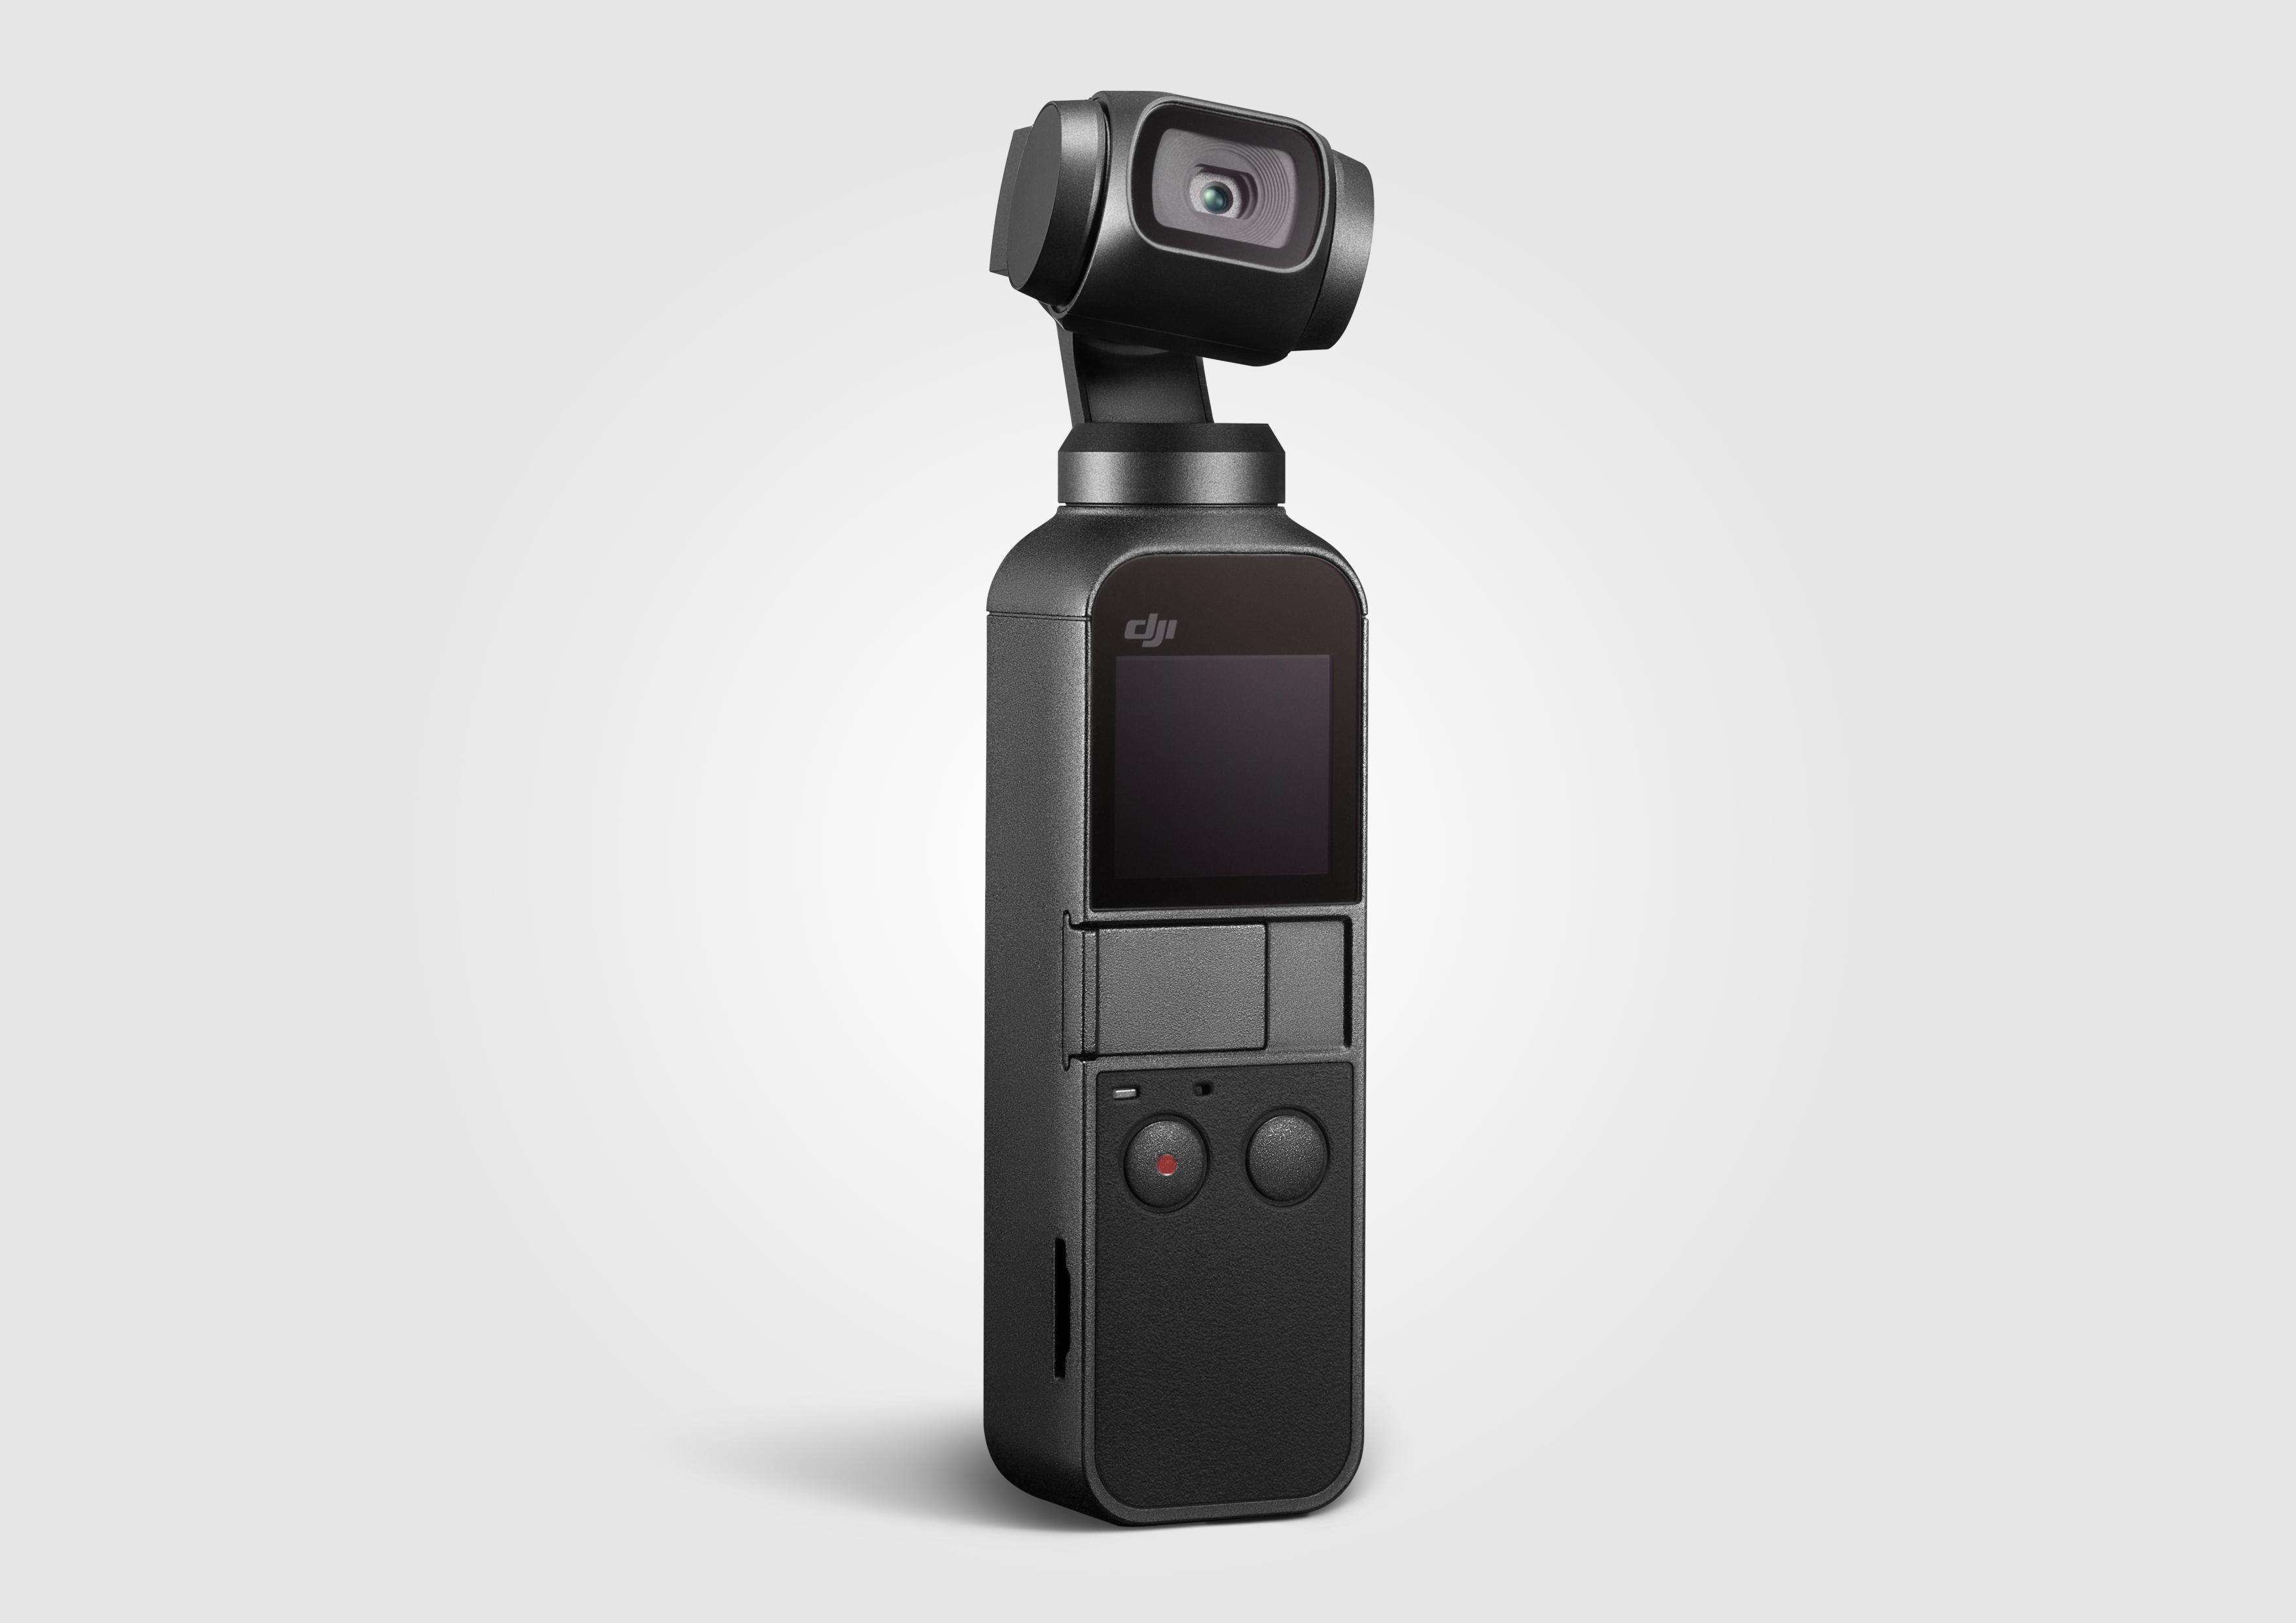 8ff8e992c4778 DJI Osmo Pocket   la caméra stabilisée de poche - Les Numériques